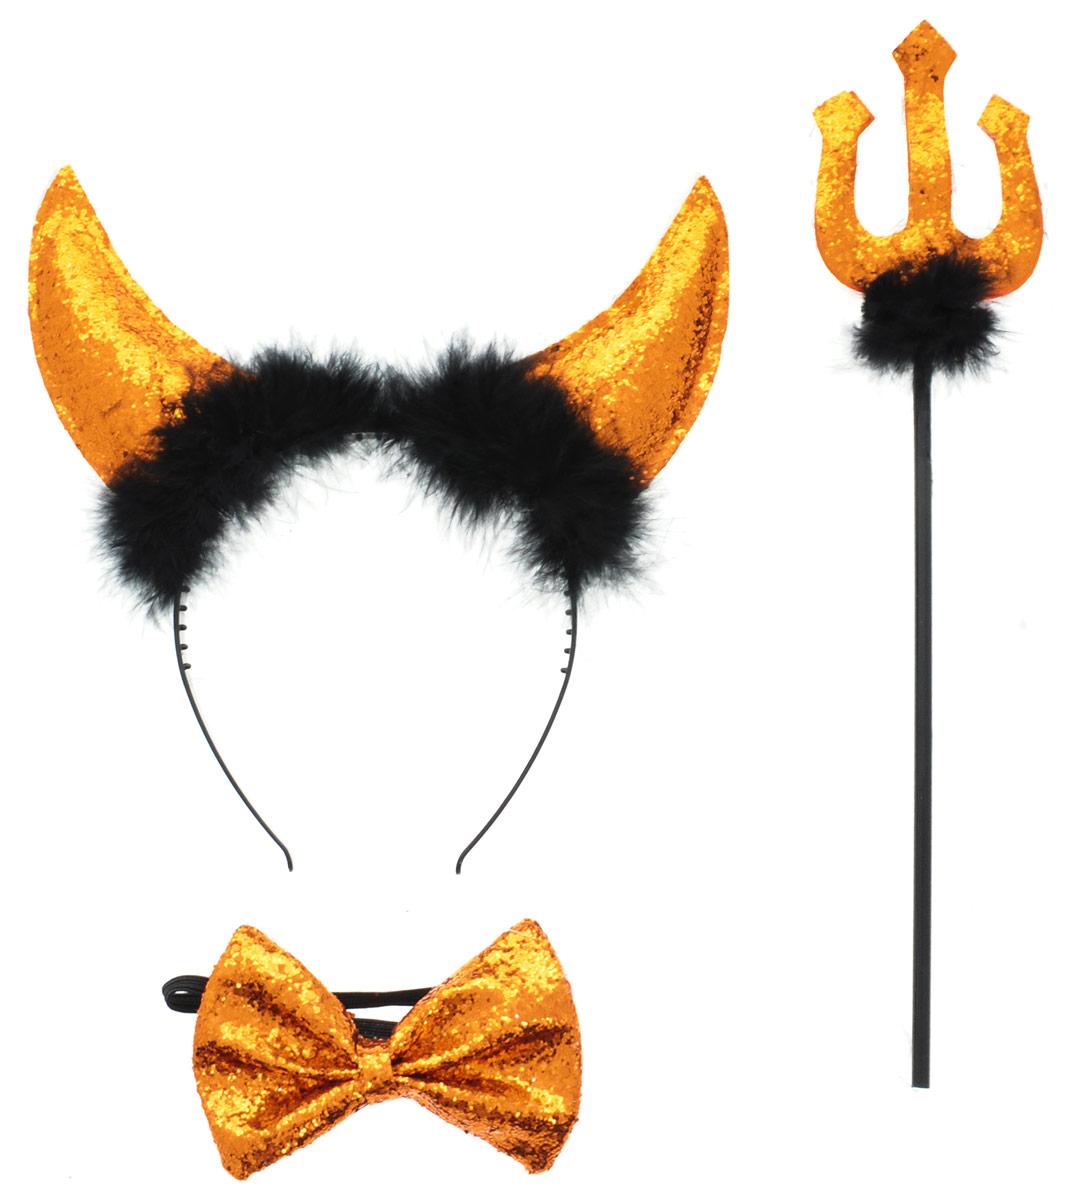 Partymania Ободок Рожки чертика с трезубцем и бабочкой цвет оранжевый -  Аксессуры для карнавальных костюмов